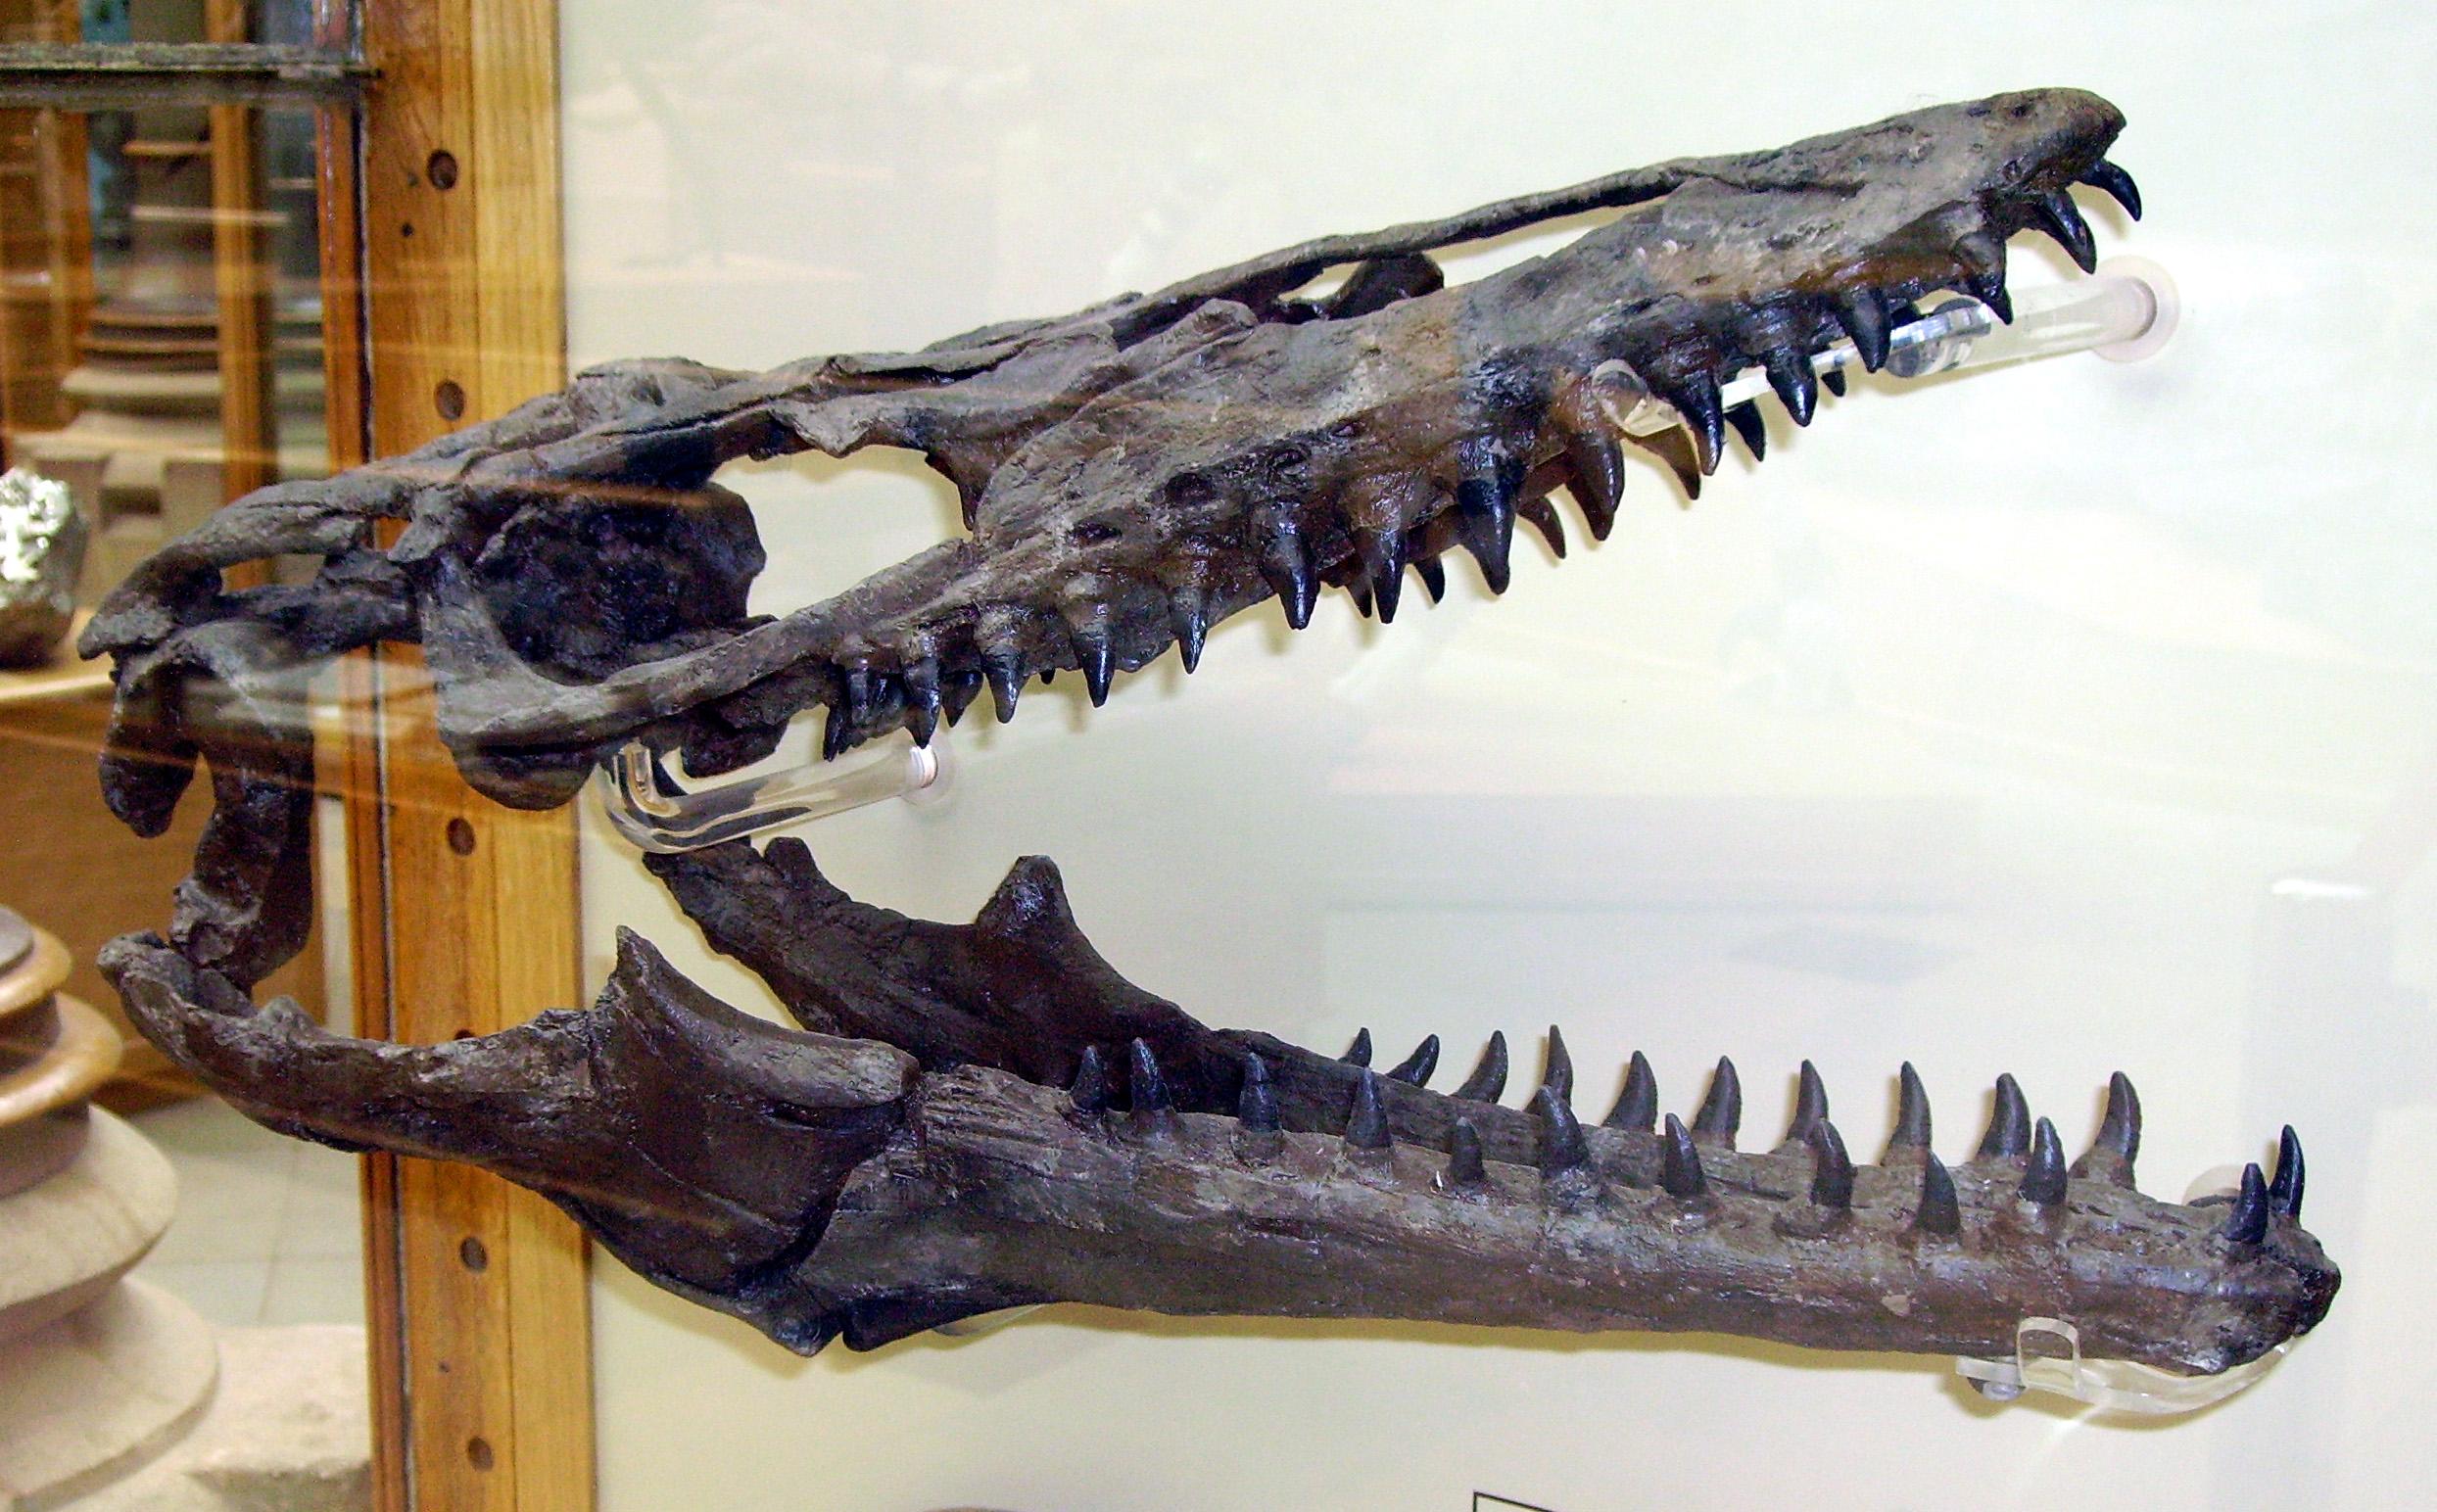 File:Mosasaur skull.JPG - Wikimedia Commons